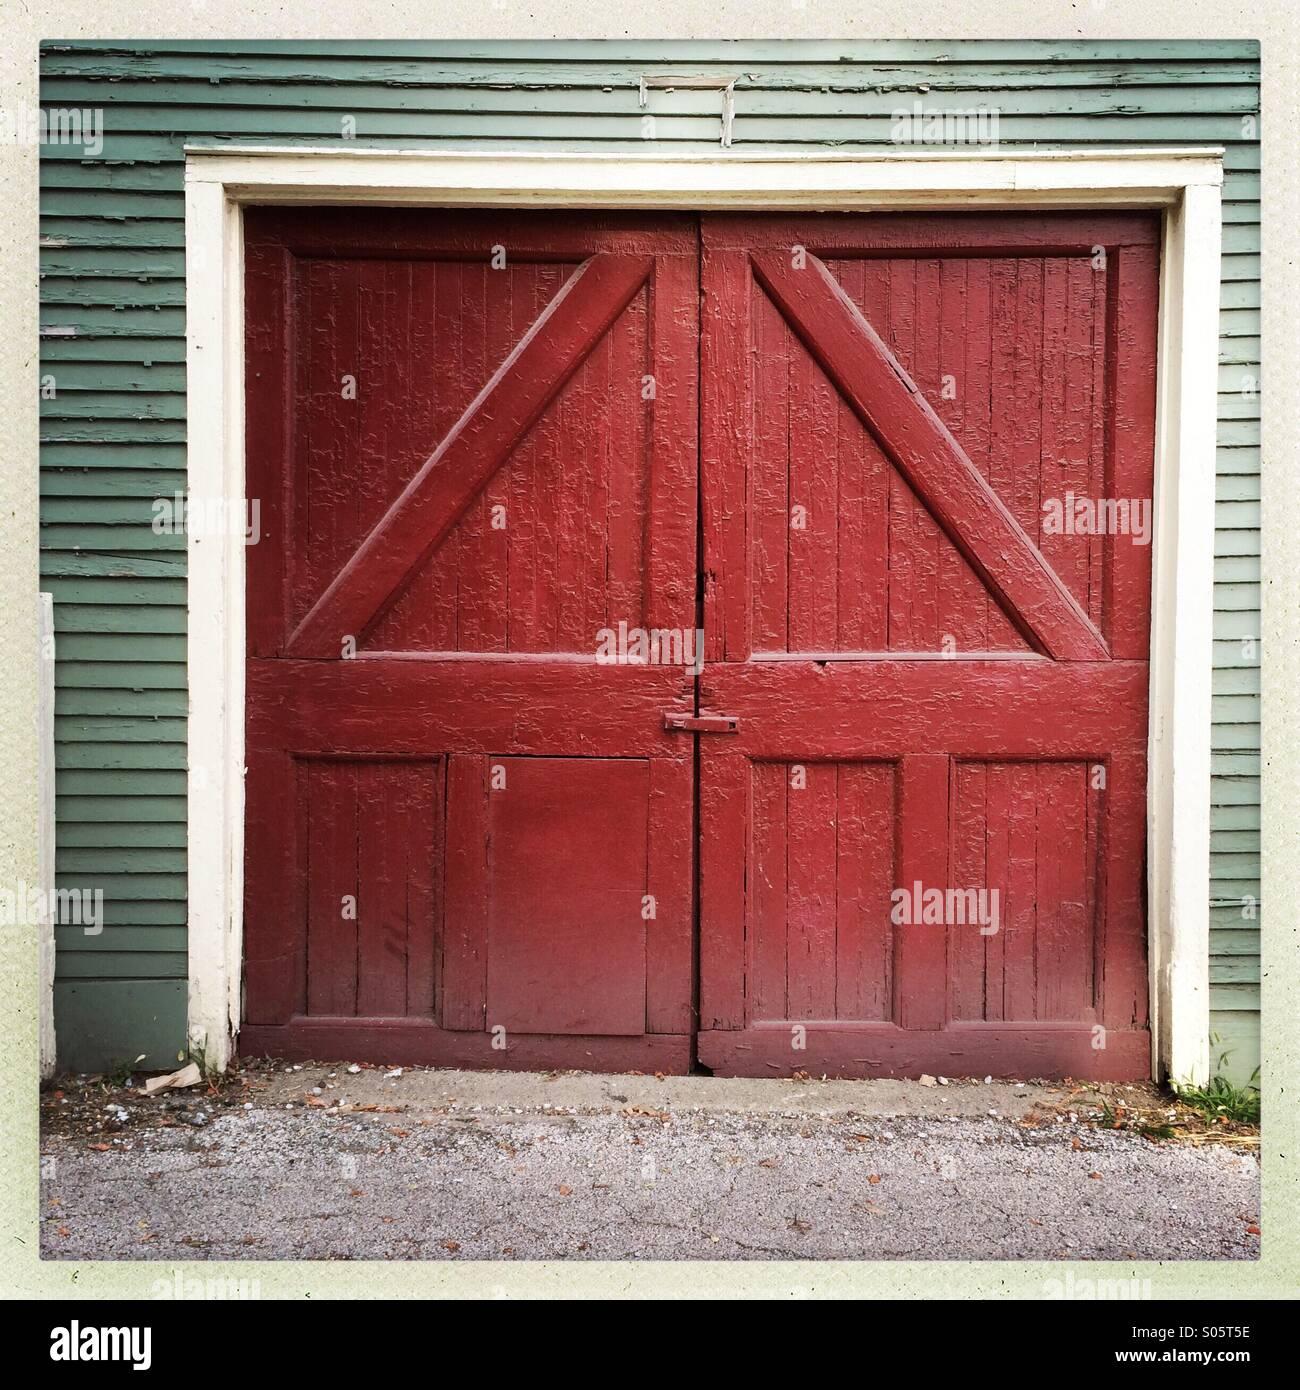 Red, barn door style, garage door Stock Photo, Royalty Free Image ...